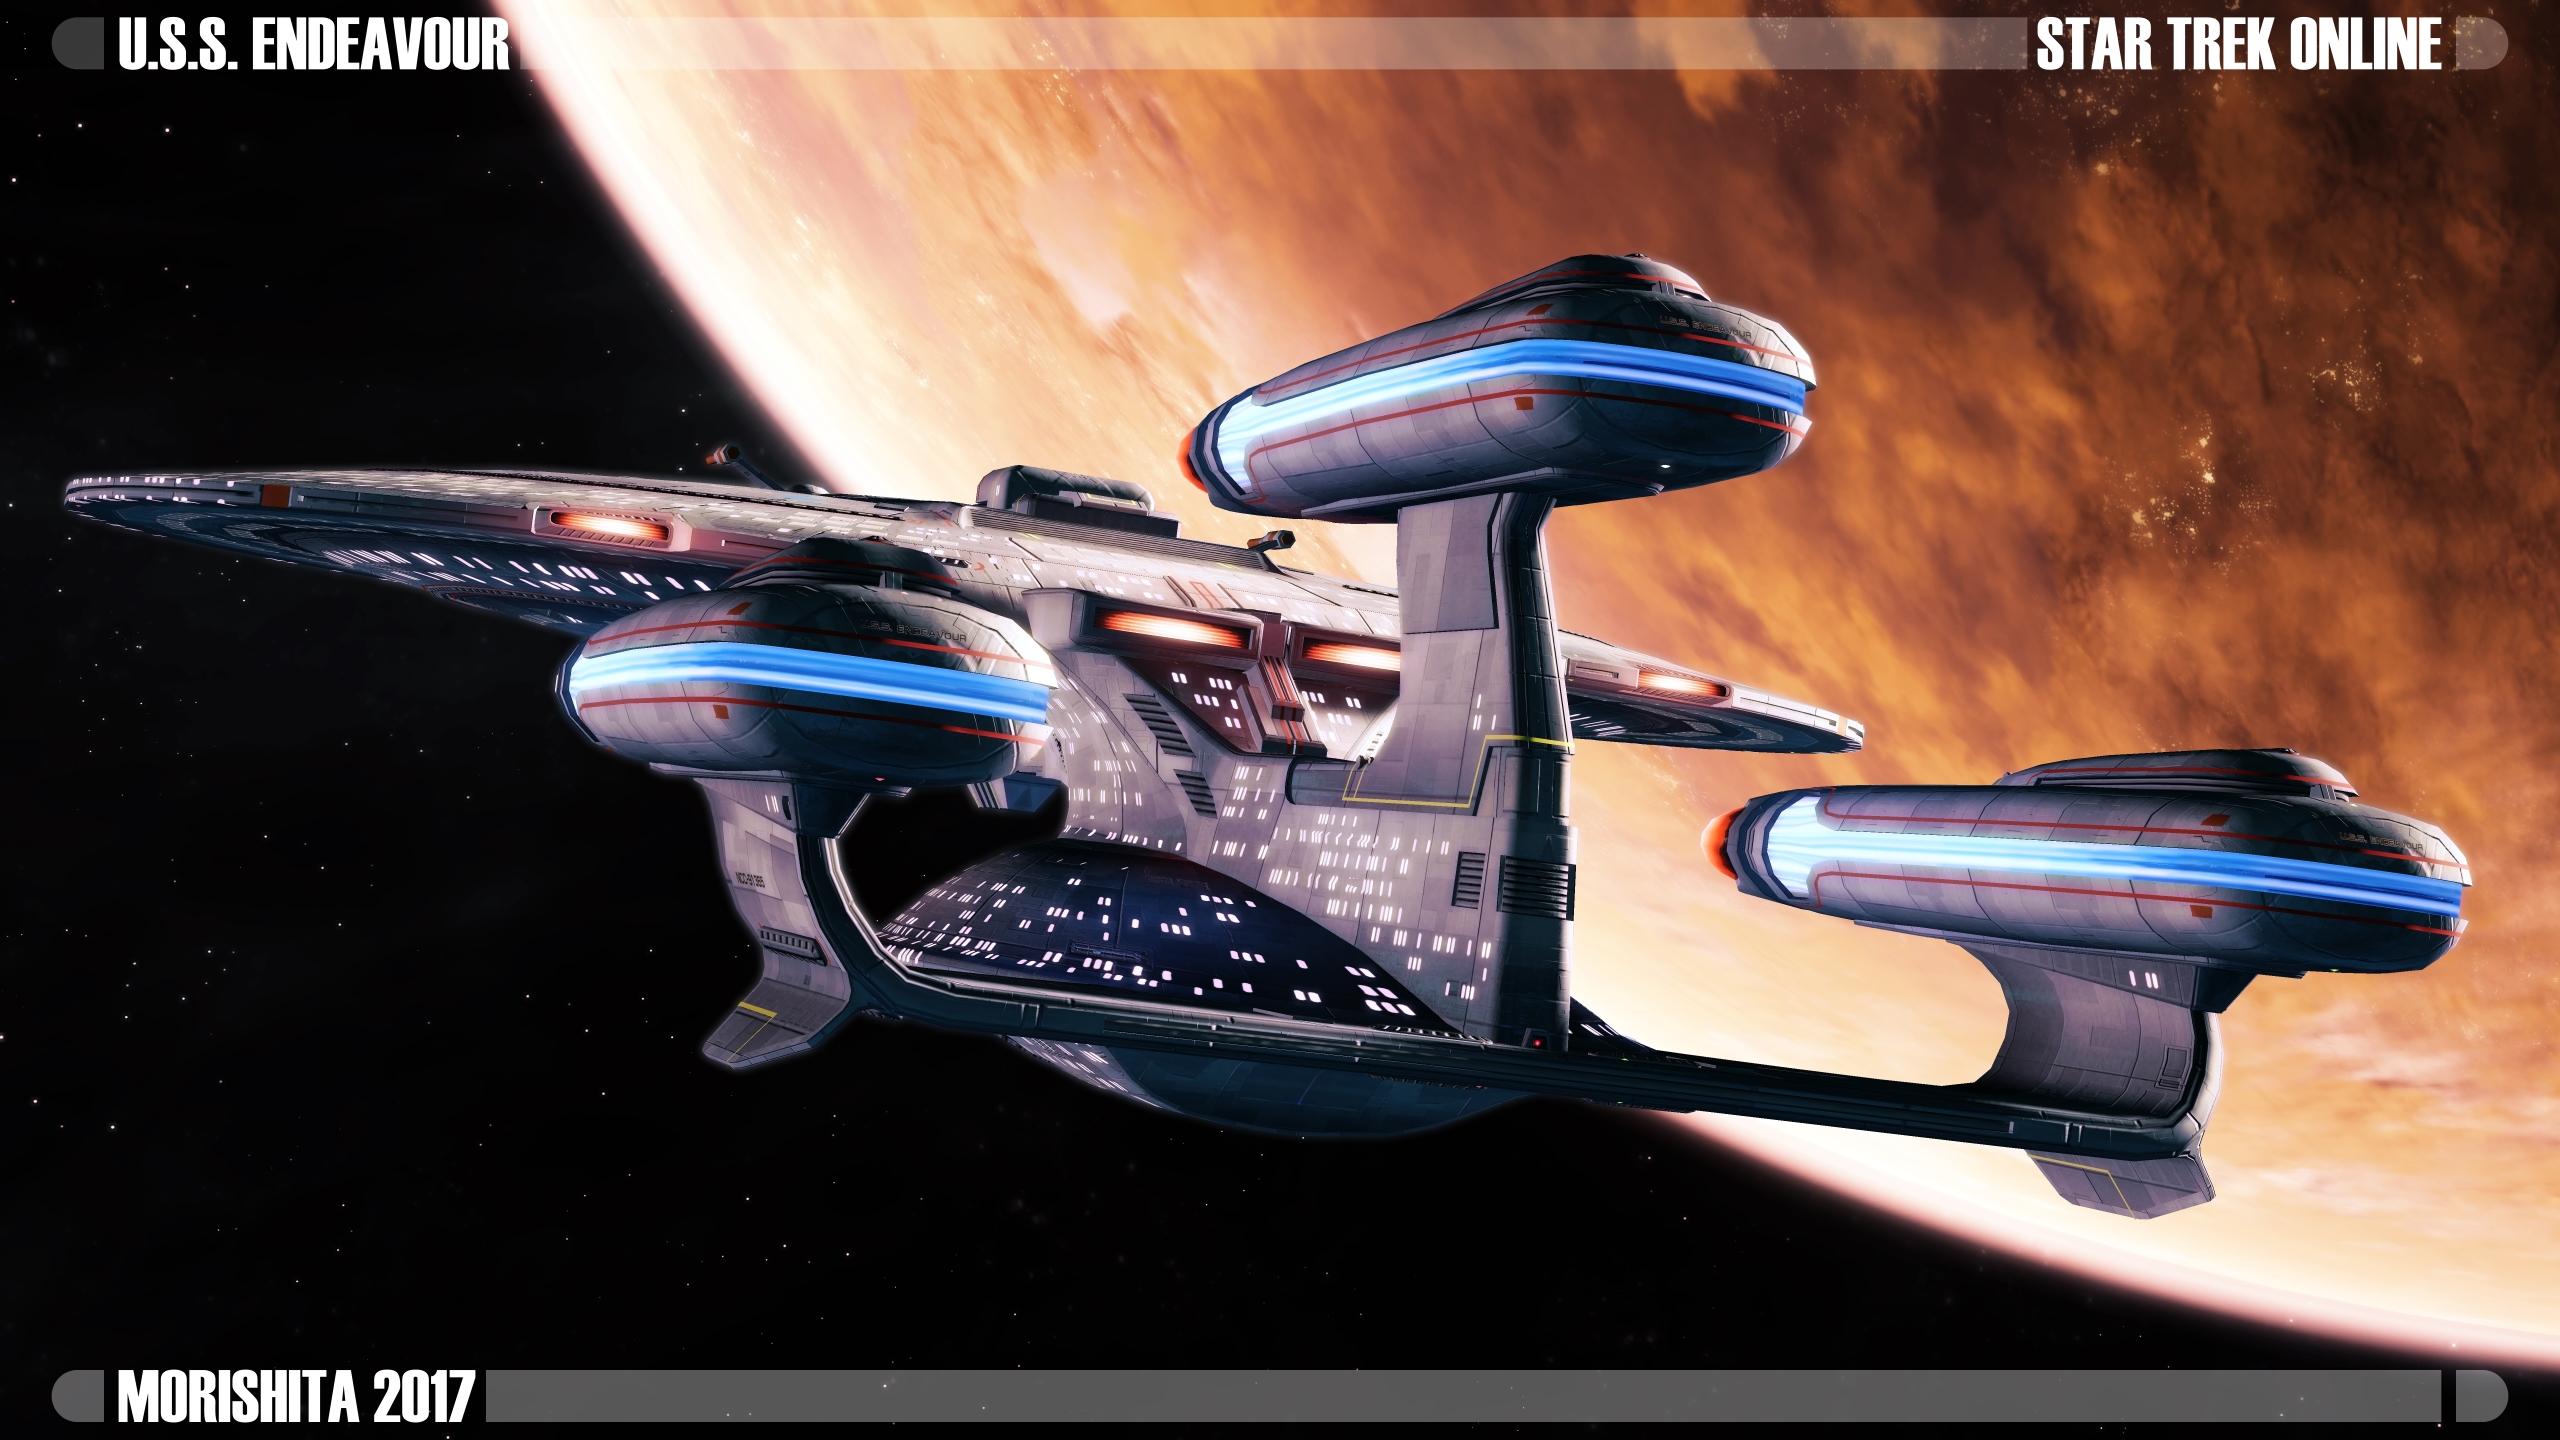 U.S.S. Endeavour #003